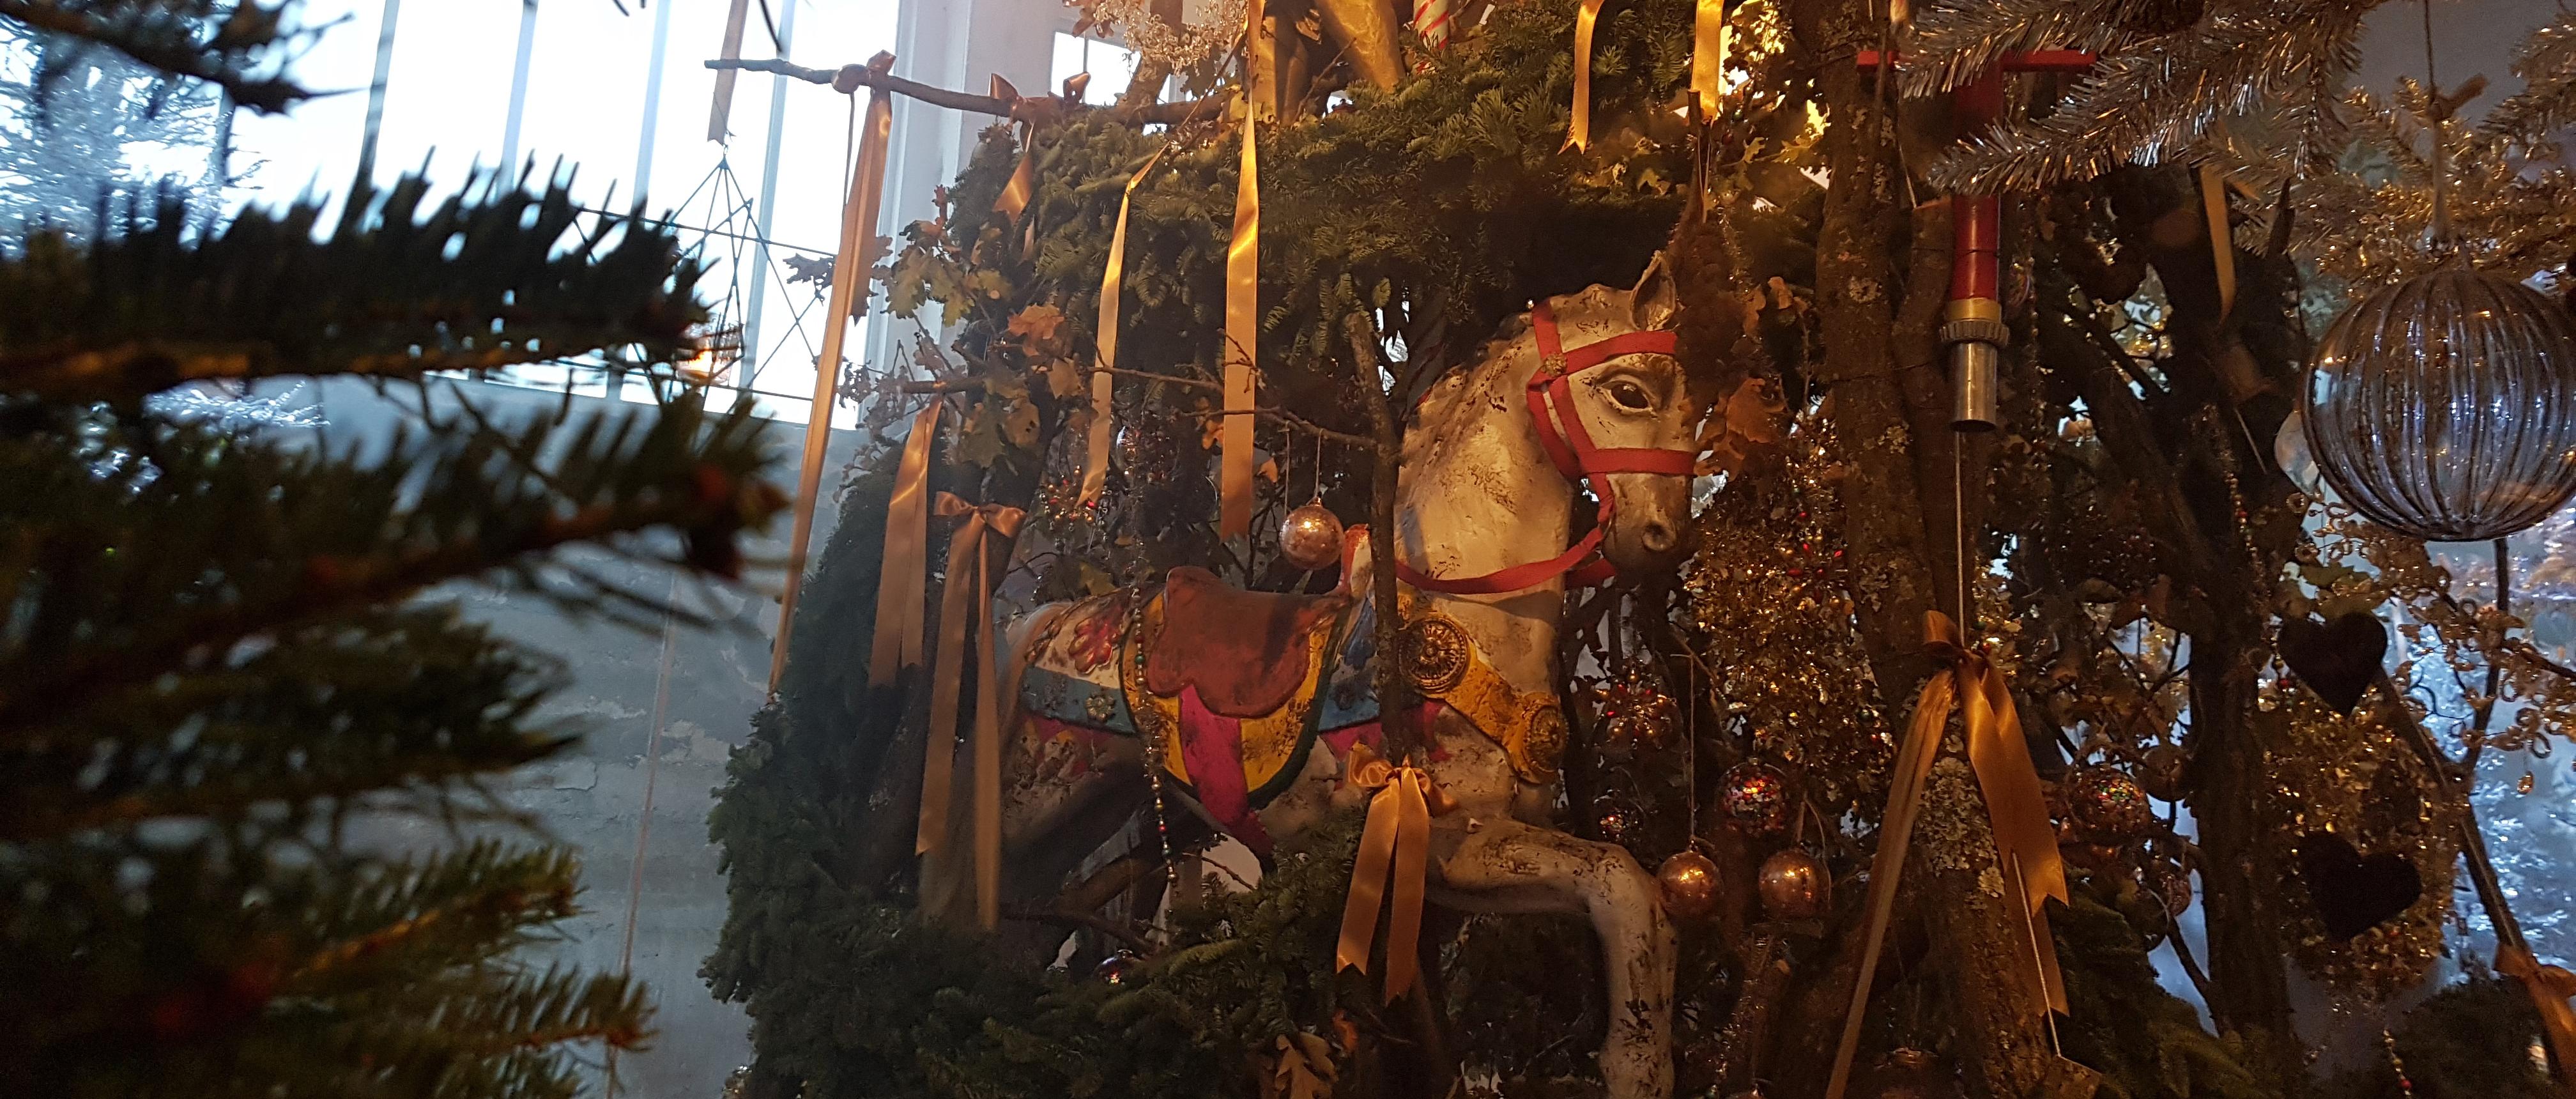 Weihnachtsausstellung Schlicht Barock in Feldbach